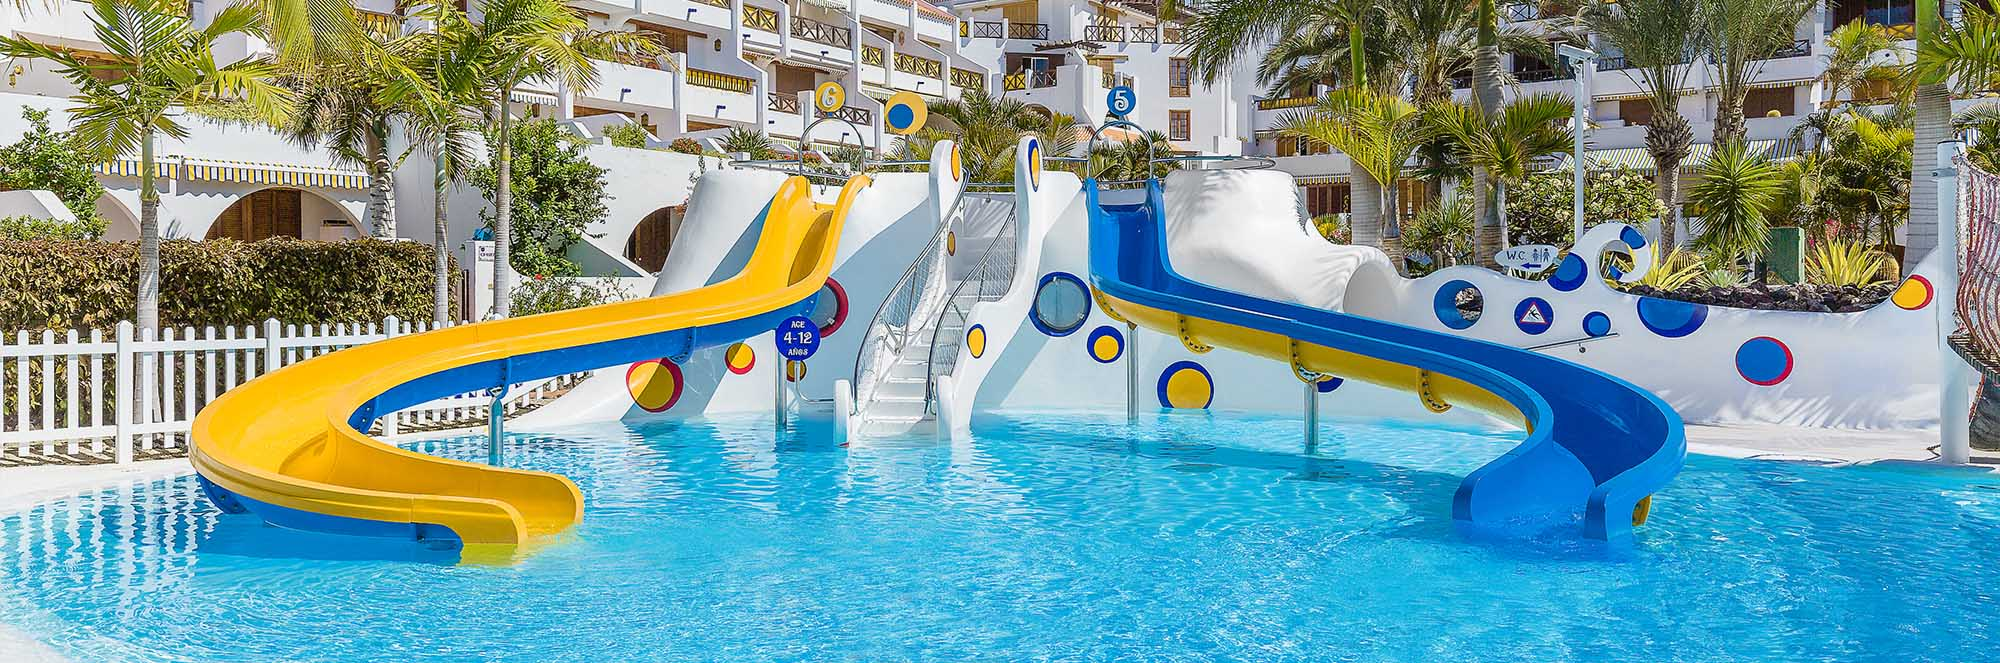 sm-parque-santiago-3-villas-slider-pool